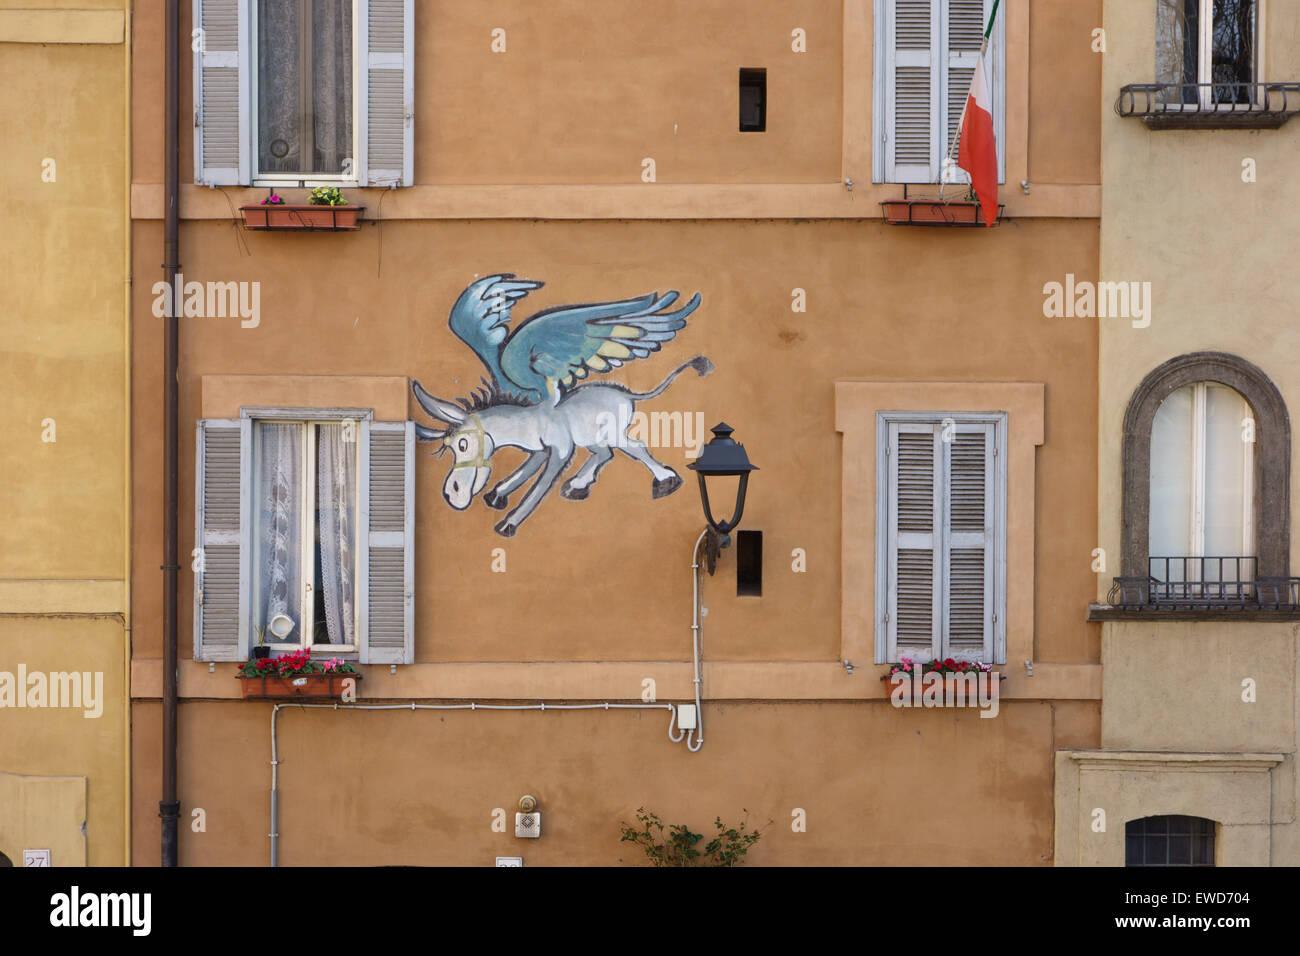 Flying Donkey street art Rome Italy Stock Photo